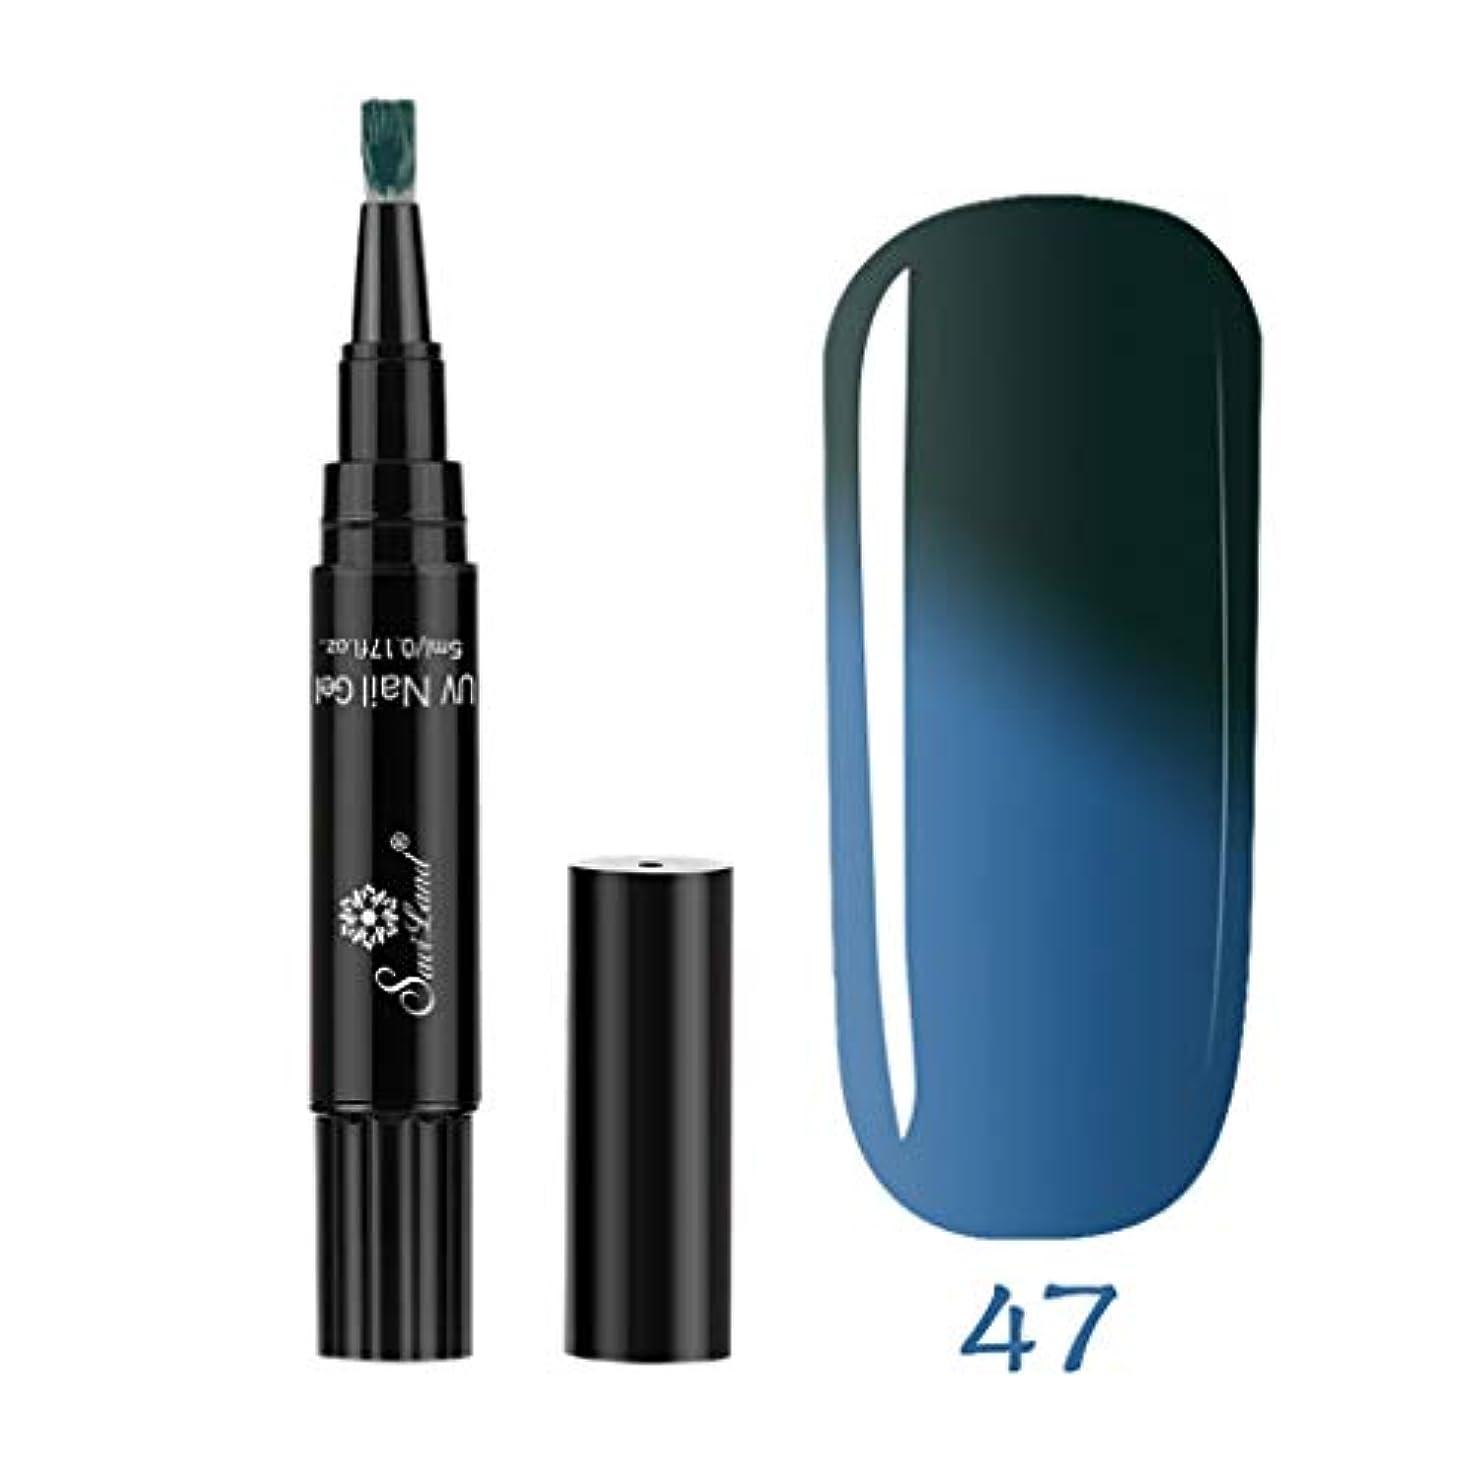 ヘルメット改修するグレートバリアリーフ1ステップネイルジェルペンに1 Pc 3 UV温度変更ジェルを使用するには1ステップネイル (H)